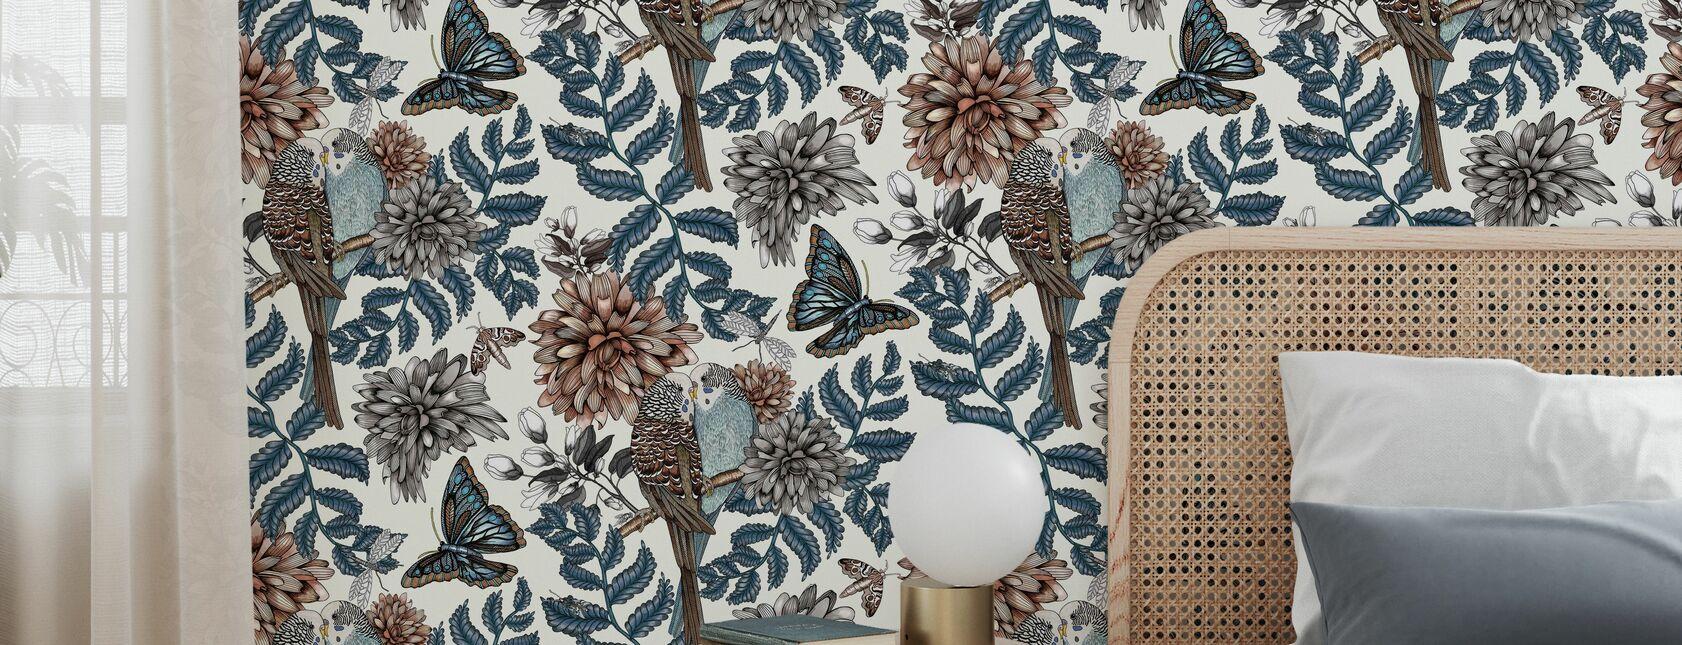 Lovebirds White - Small - Wallpaper - Bedroom